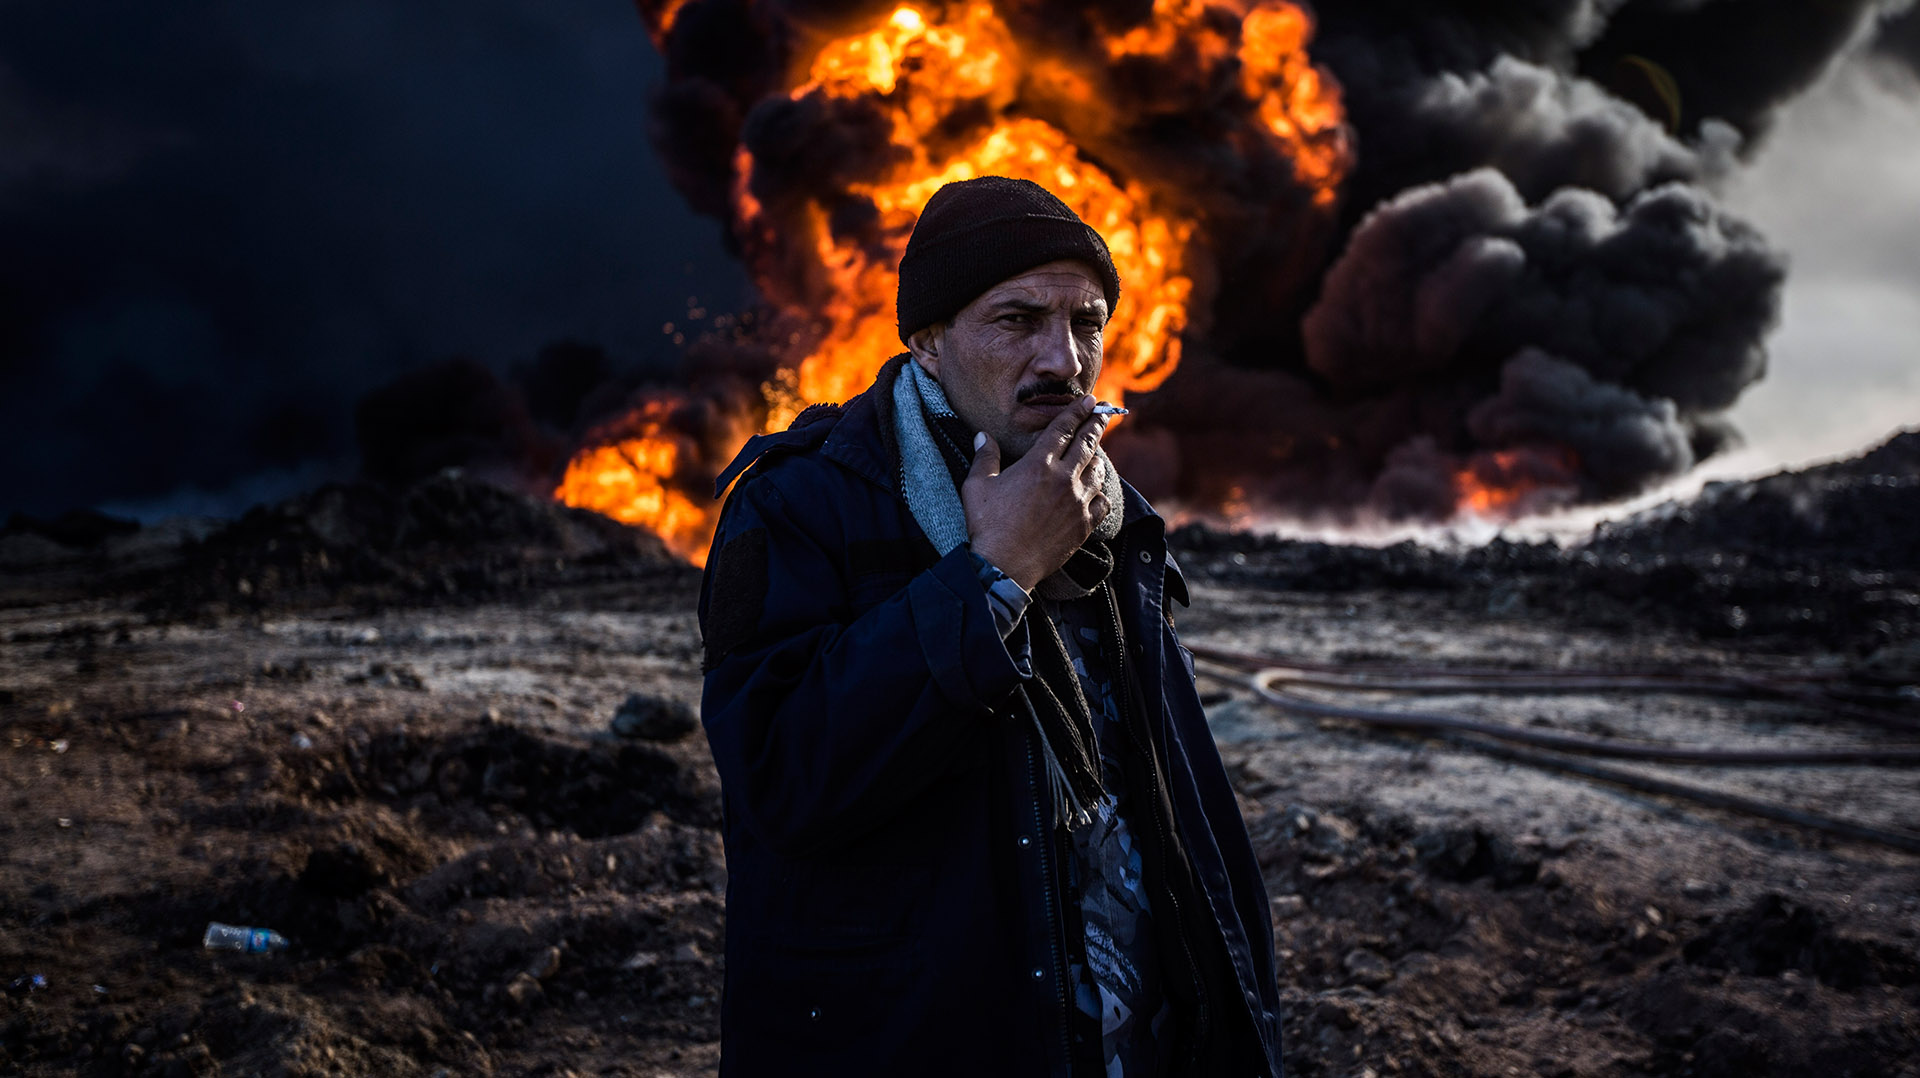 Uno de los bomberos da las últimas caladas a su cigarro antes de comenzar su trabajo frente al fuego. (Pablo Cobos)